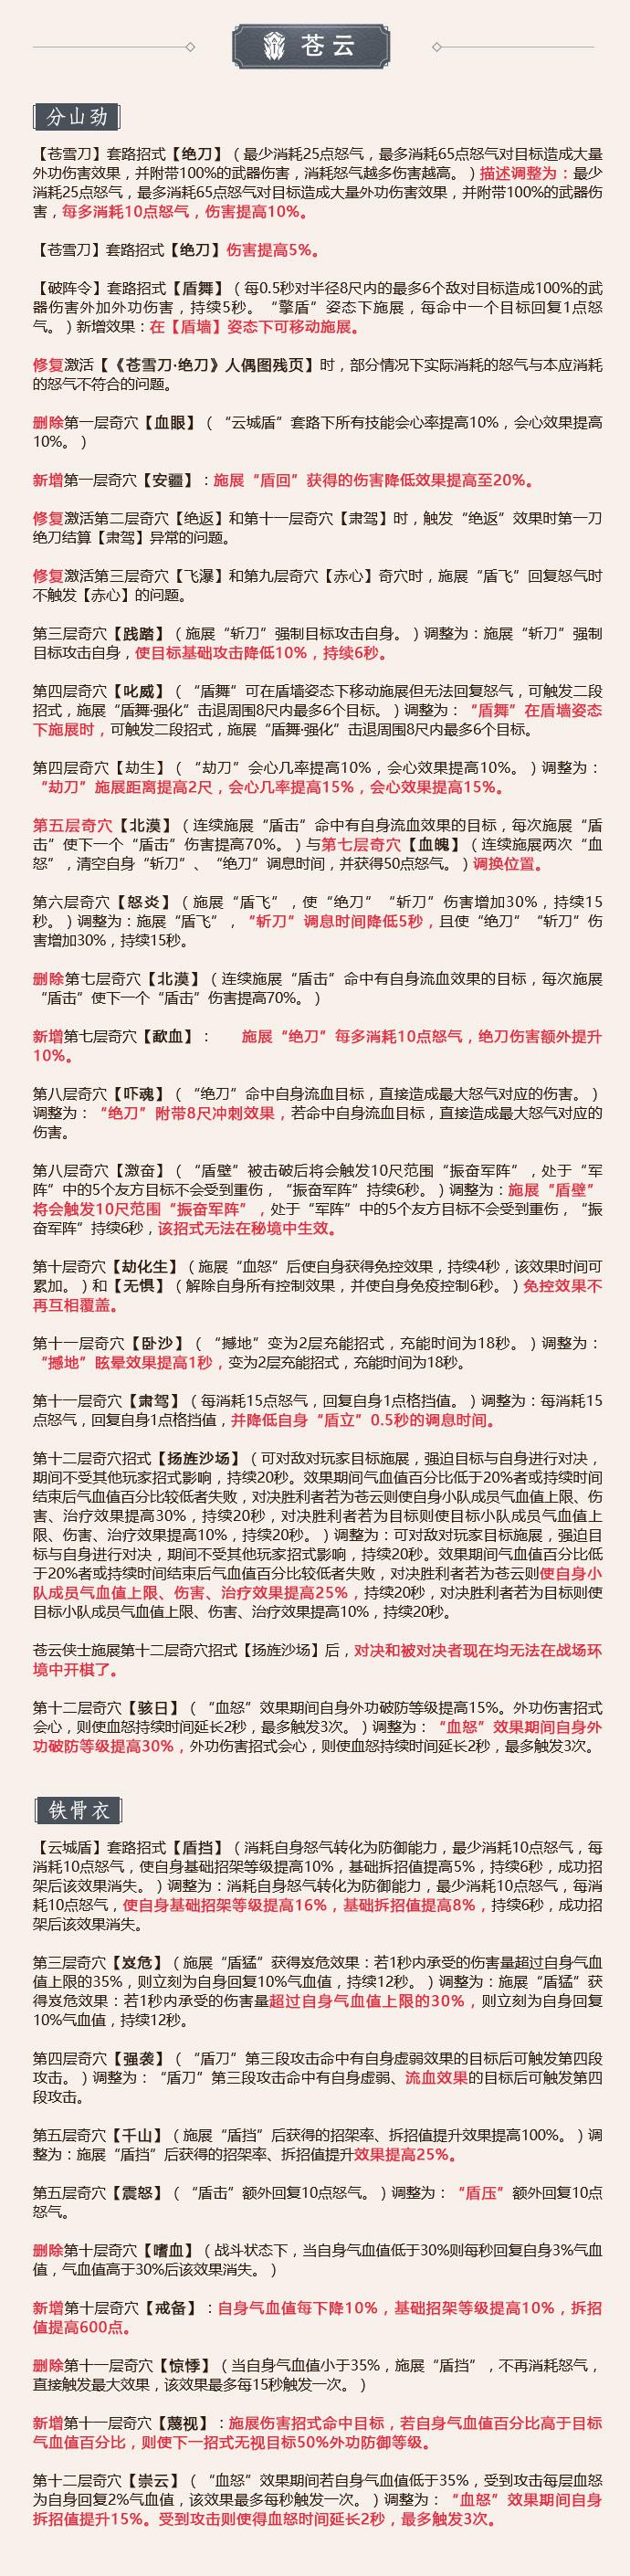 《剑网3》怒海争锋6月20日苍云技改